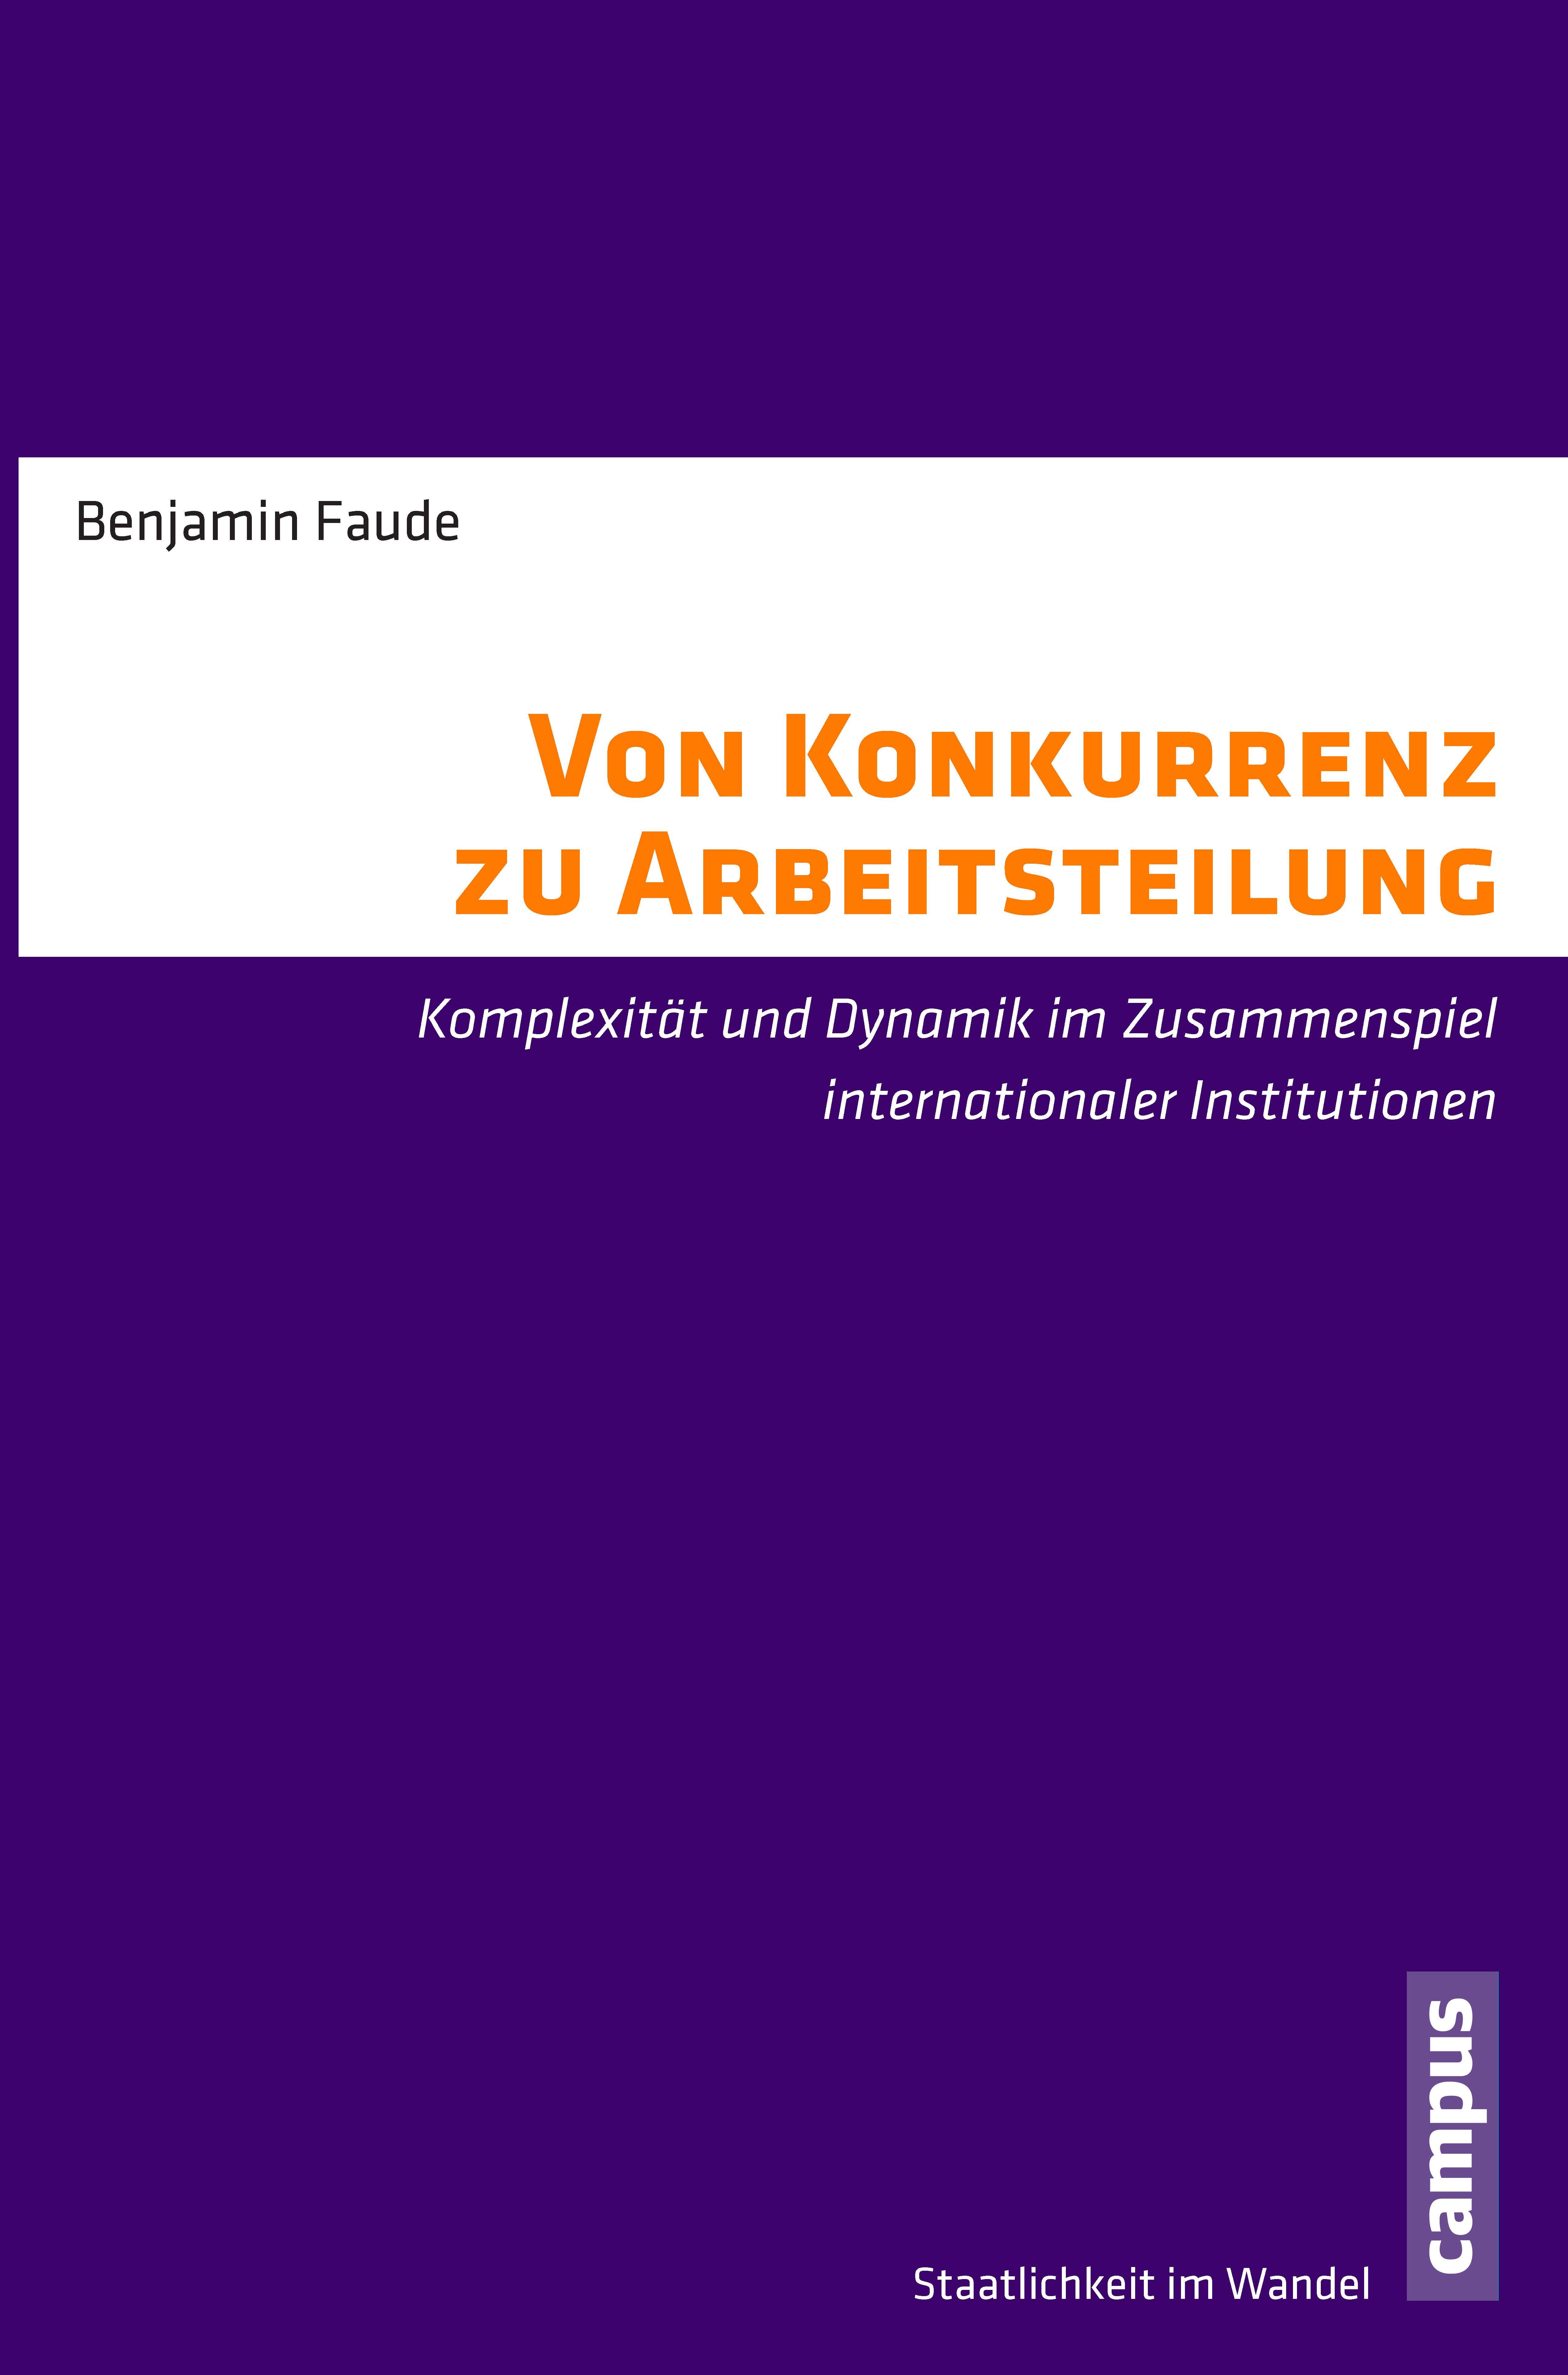 """Book Cover Faude """"Von Konkurrenz zu Arbeitsteilung"""""""